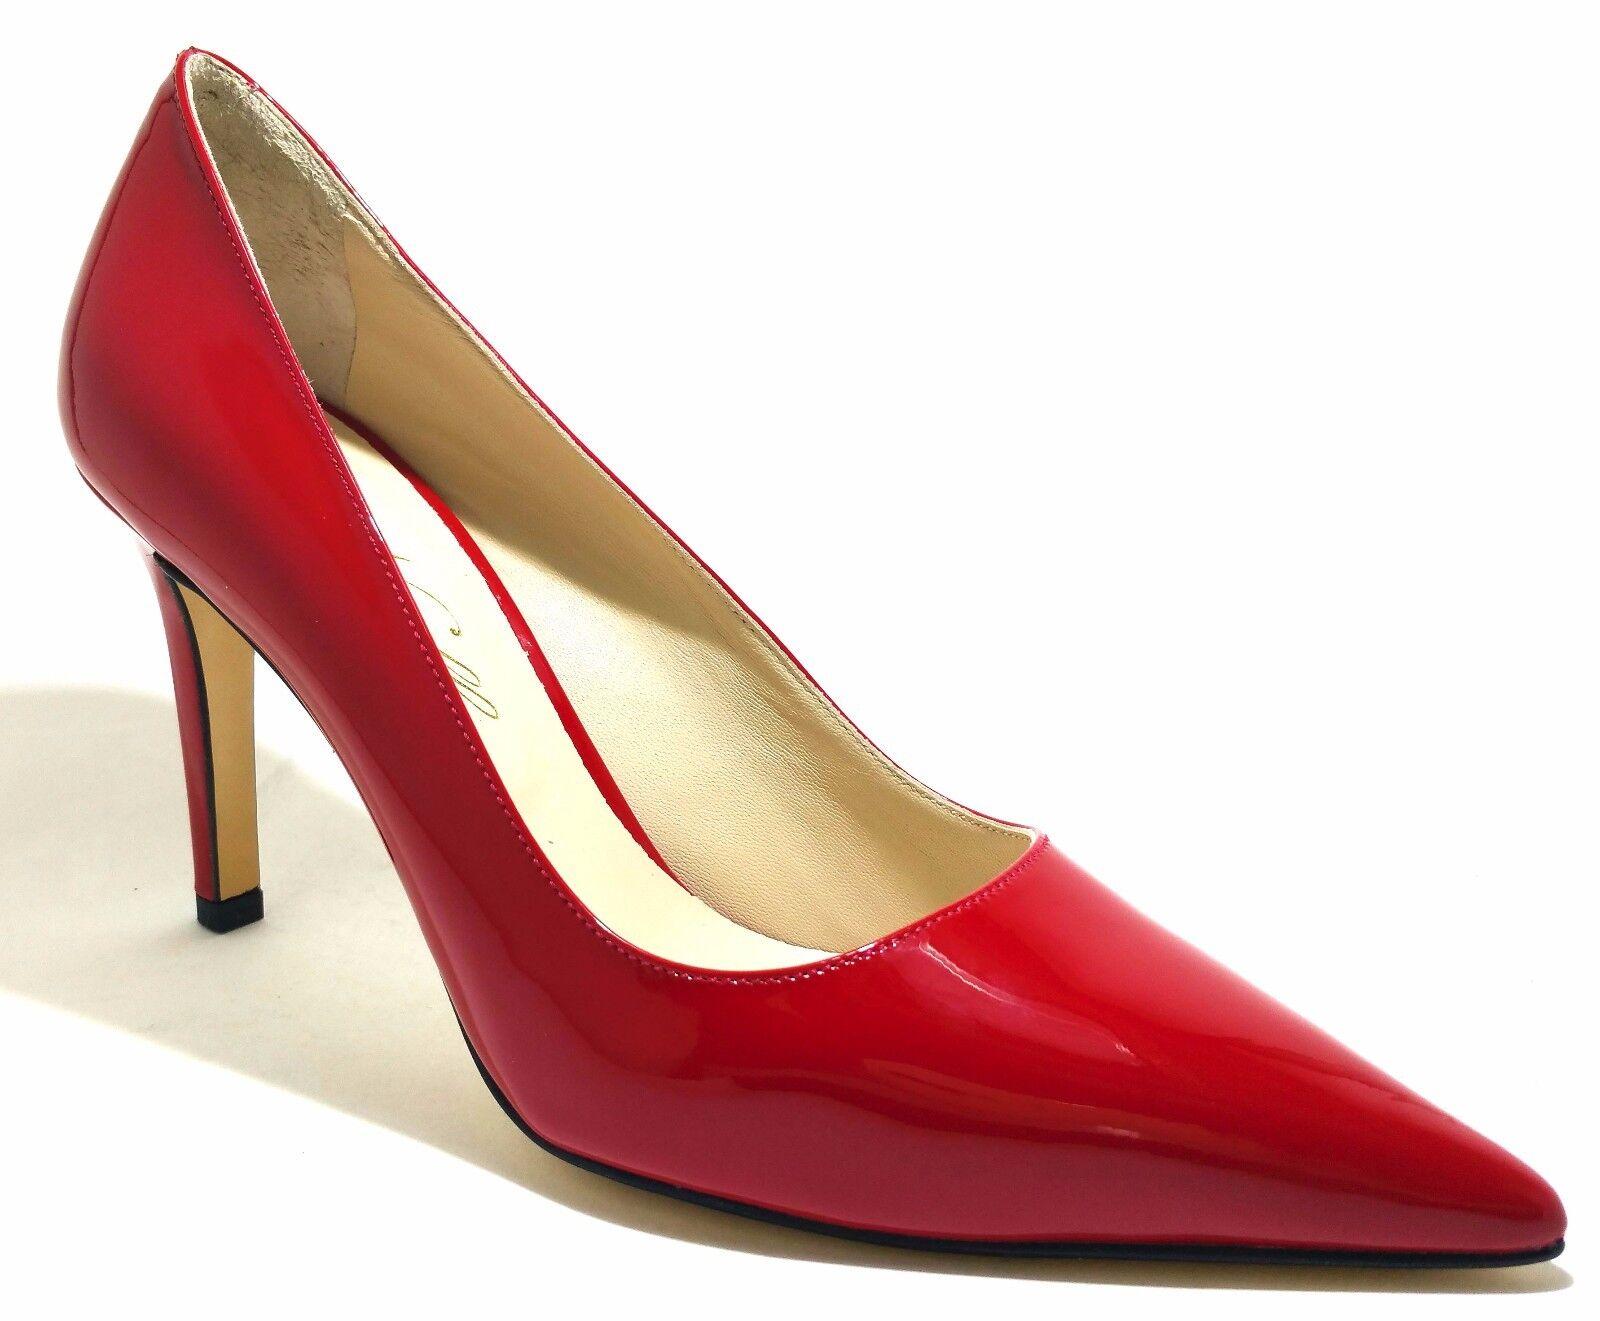 NOELLE PARIS italy shoes de salón salón salón sandalias women liu talón jo ceremonia piel 869e14